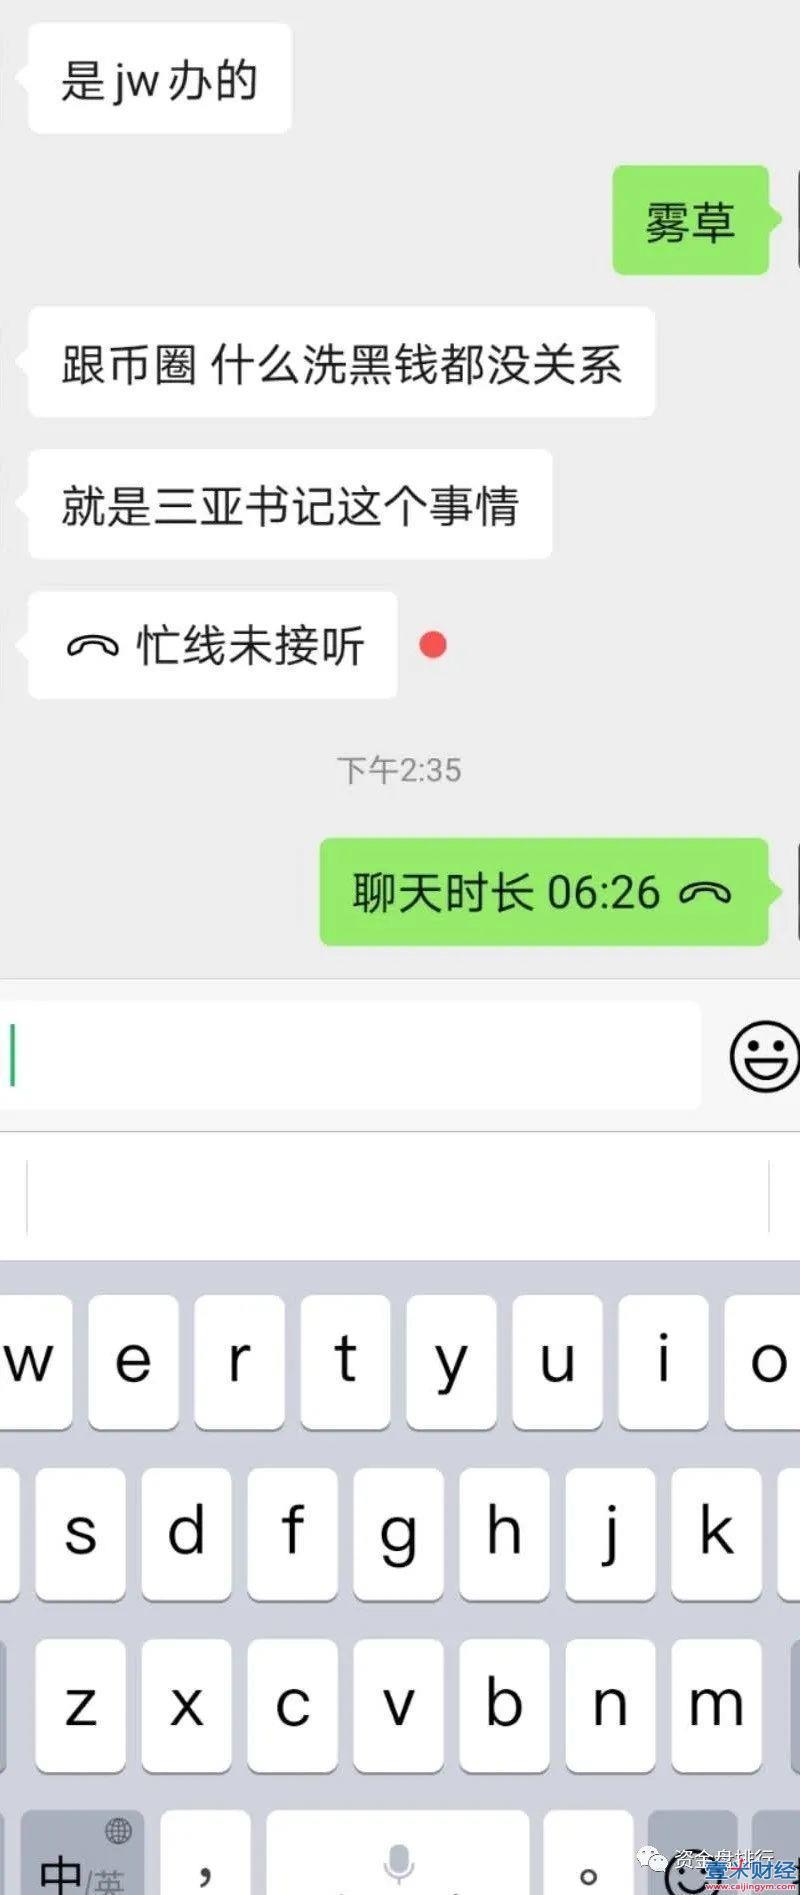 【重磅】火币二号人物 李和OK交易所 徐明星被带走调查,原因找到了!!!